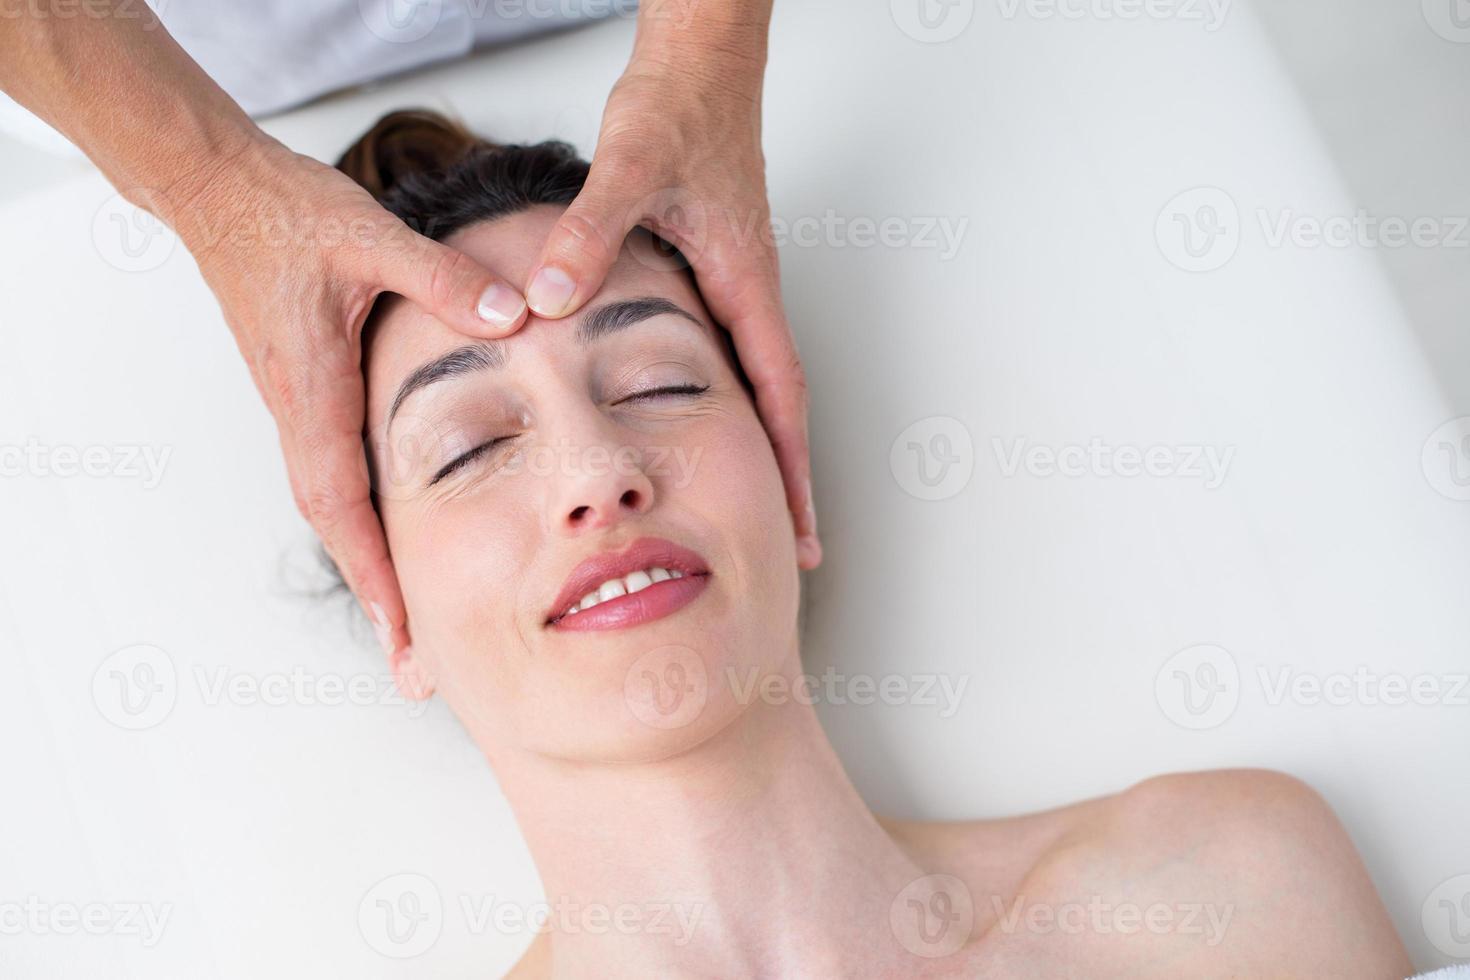 fisioterapeuta fazendo massagem na cabeça foto